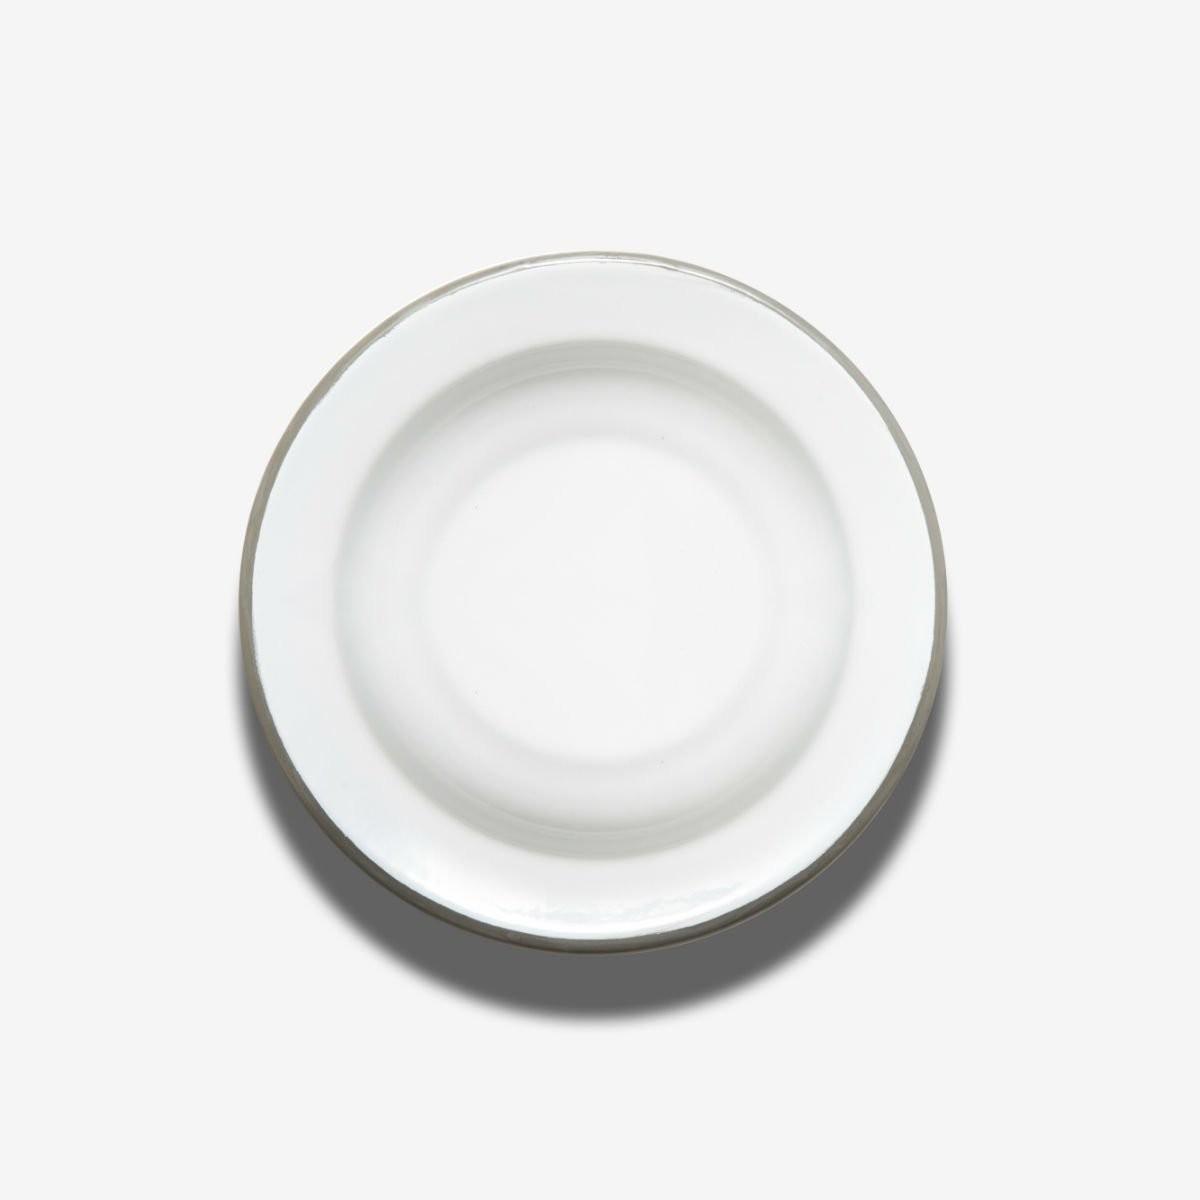 Hluboký talíř s šedou obrubou